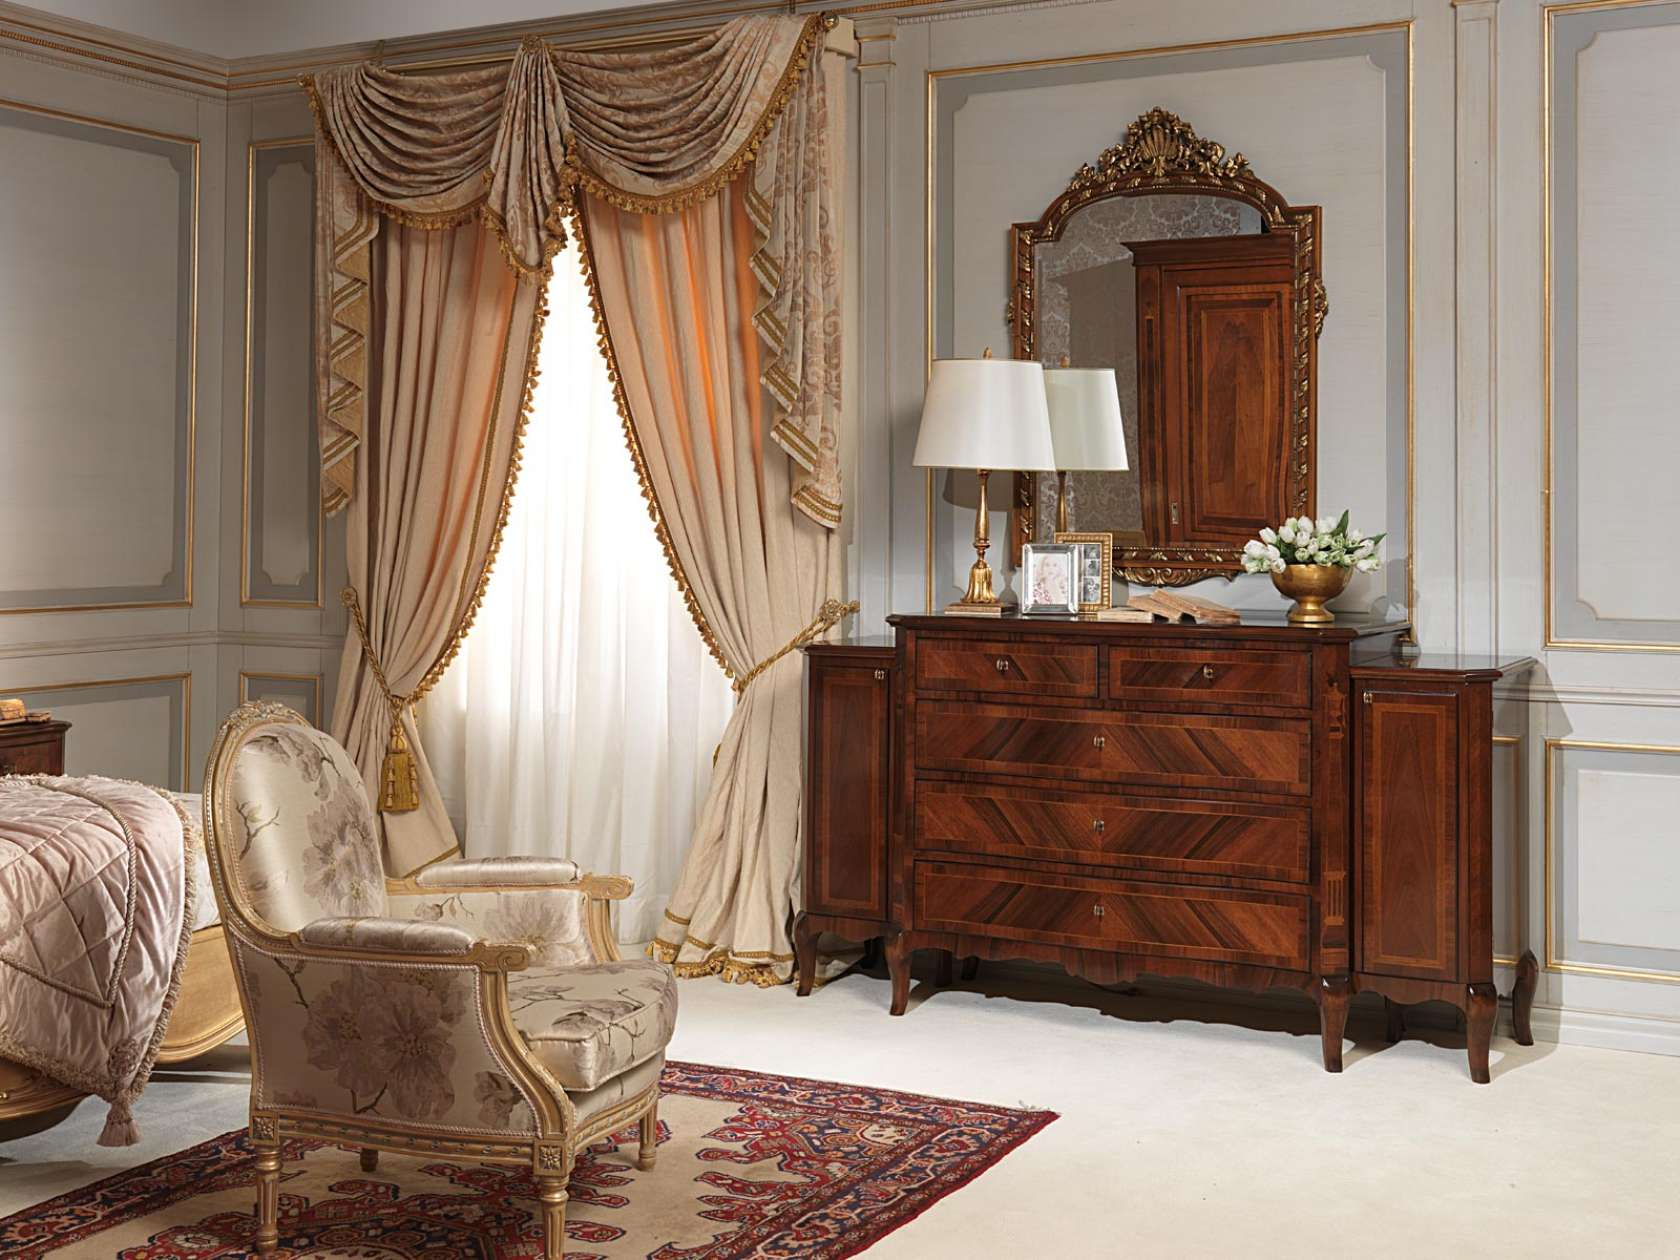 Camera da letto 800 francese, comò in noce, specchiera e poltroncina ...